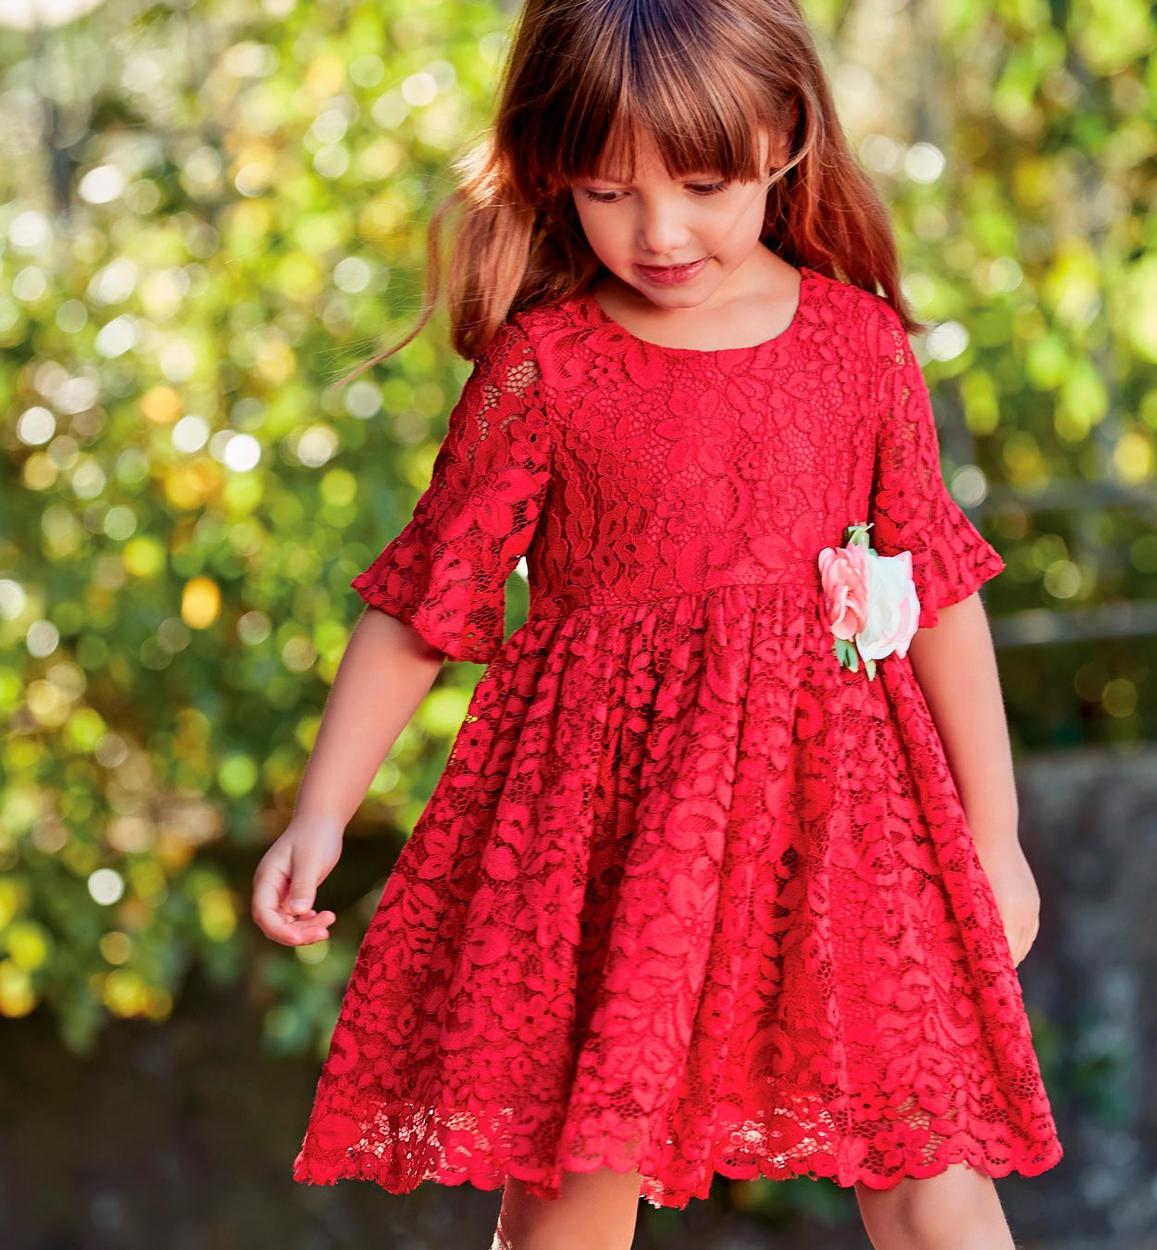 separation shoes b7576 79439 Abito in pizzo con fiori per bambina da 6 mesi a 7 anni Sarabanda